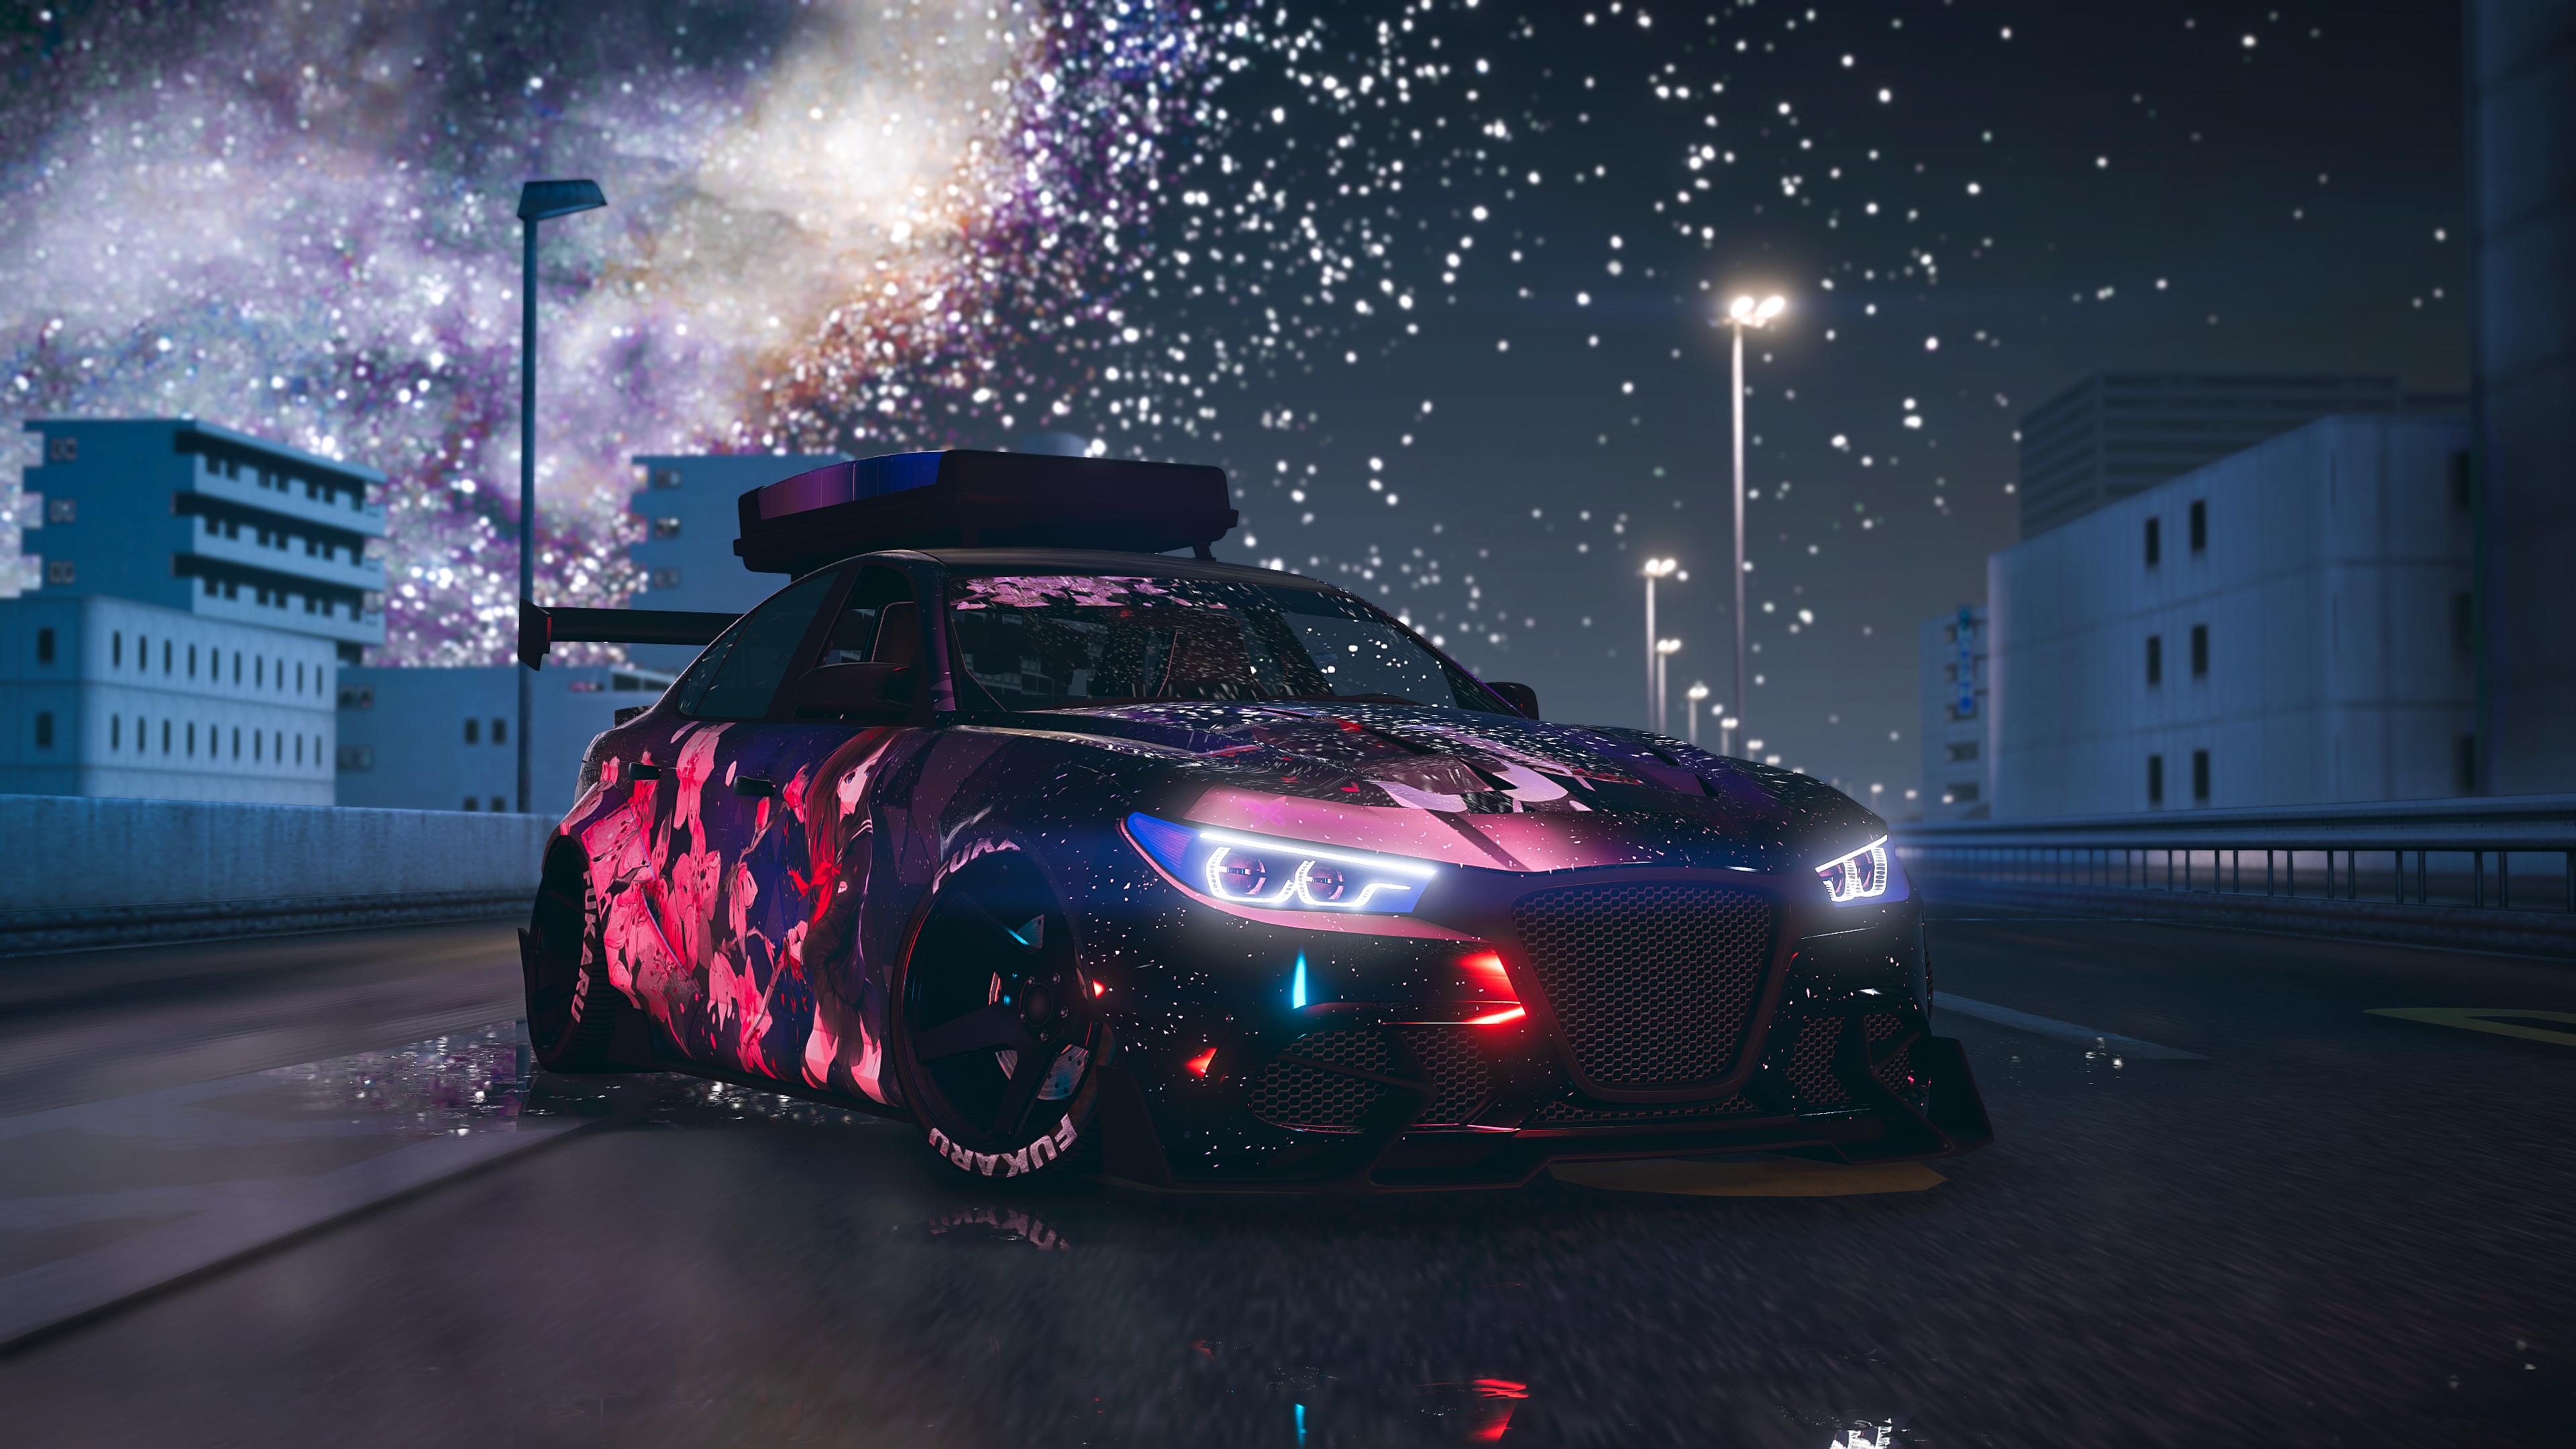 Grand_Theft_Auto_V_Screenshot_2020.09.13